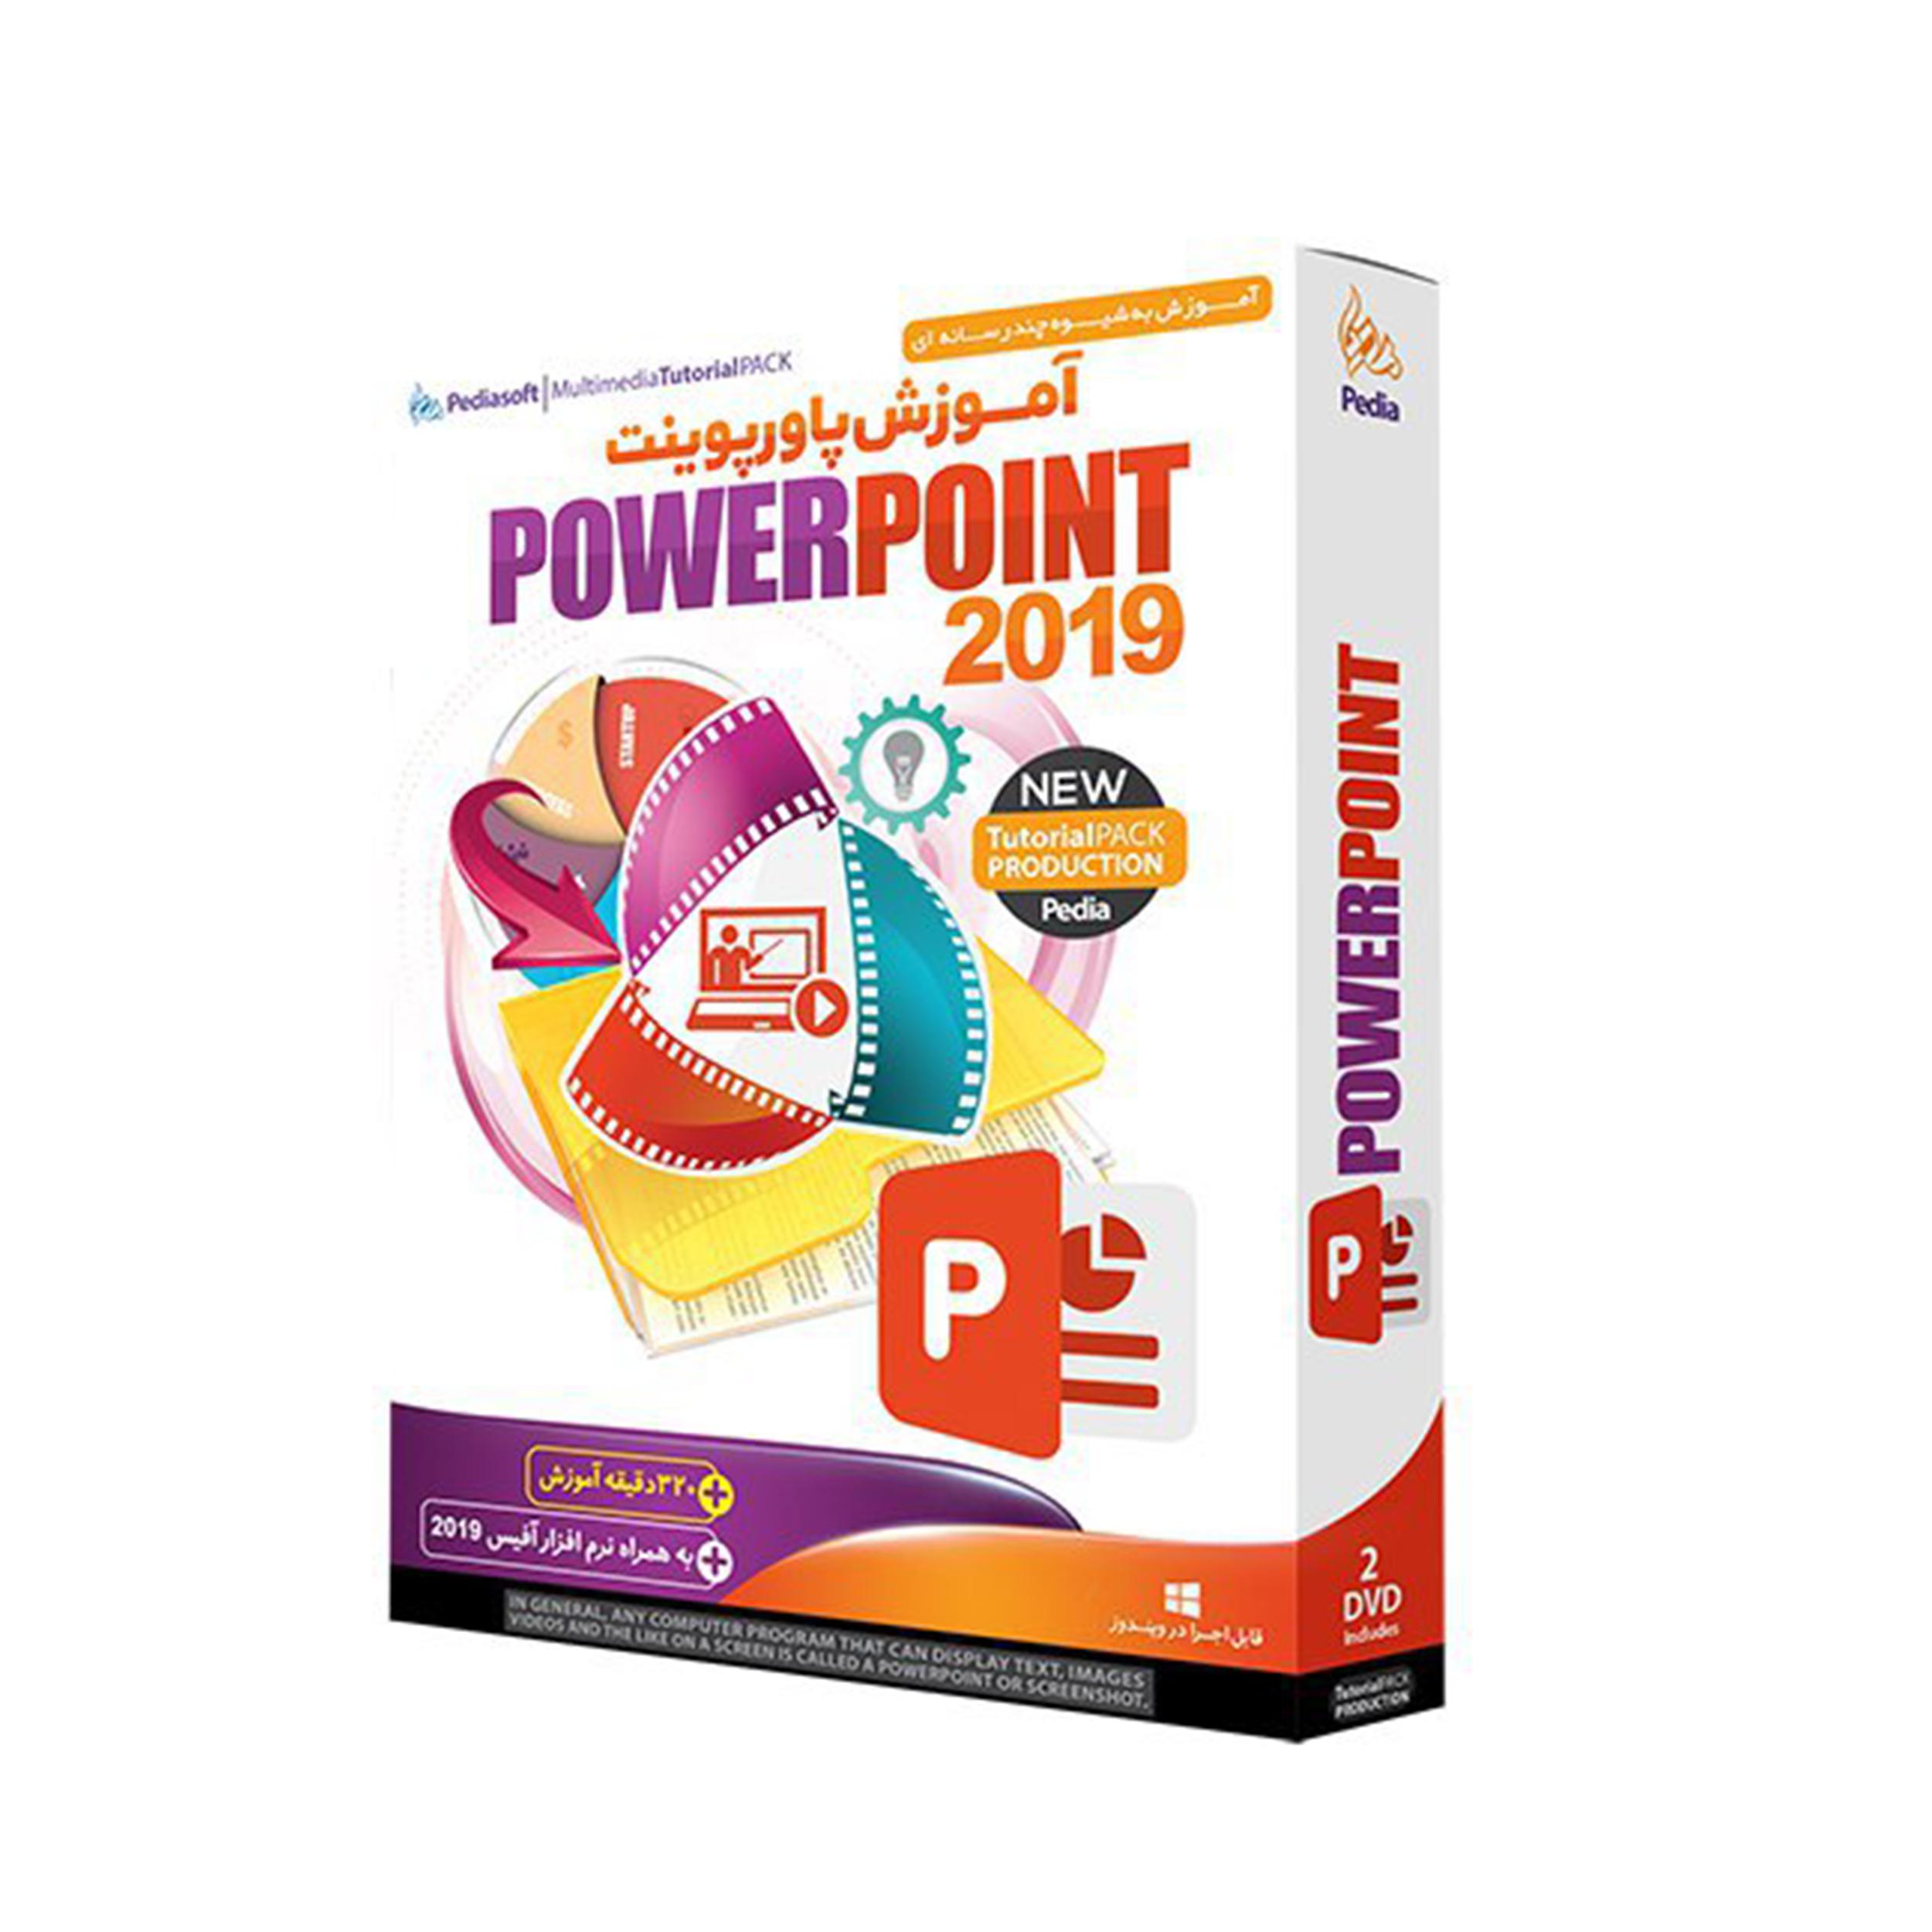 نرم افزار آموزش powerpoint 2019 نشر پدیا سافت